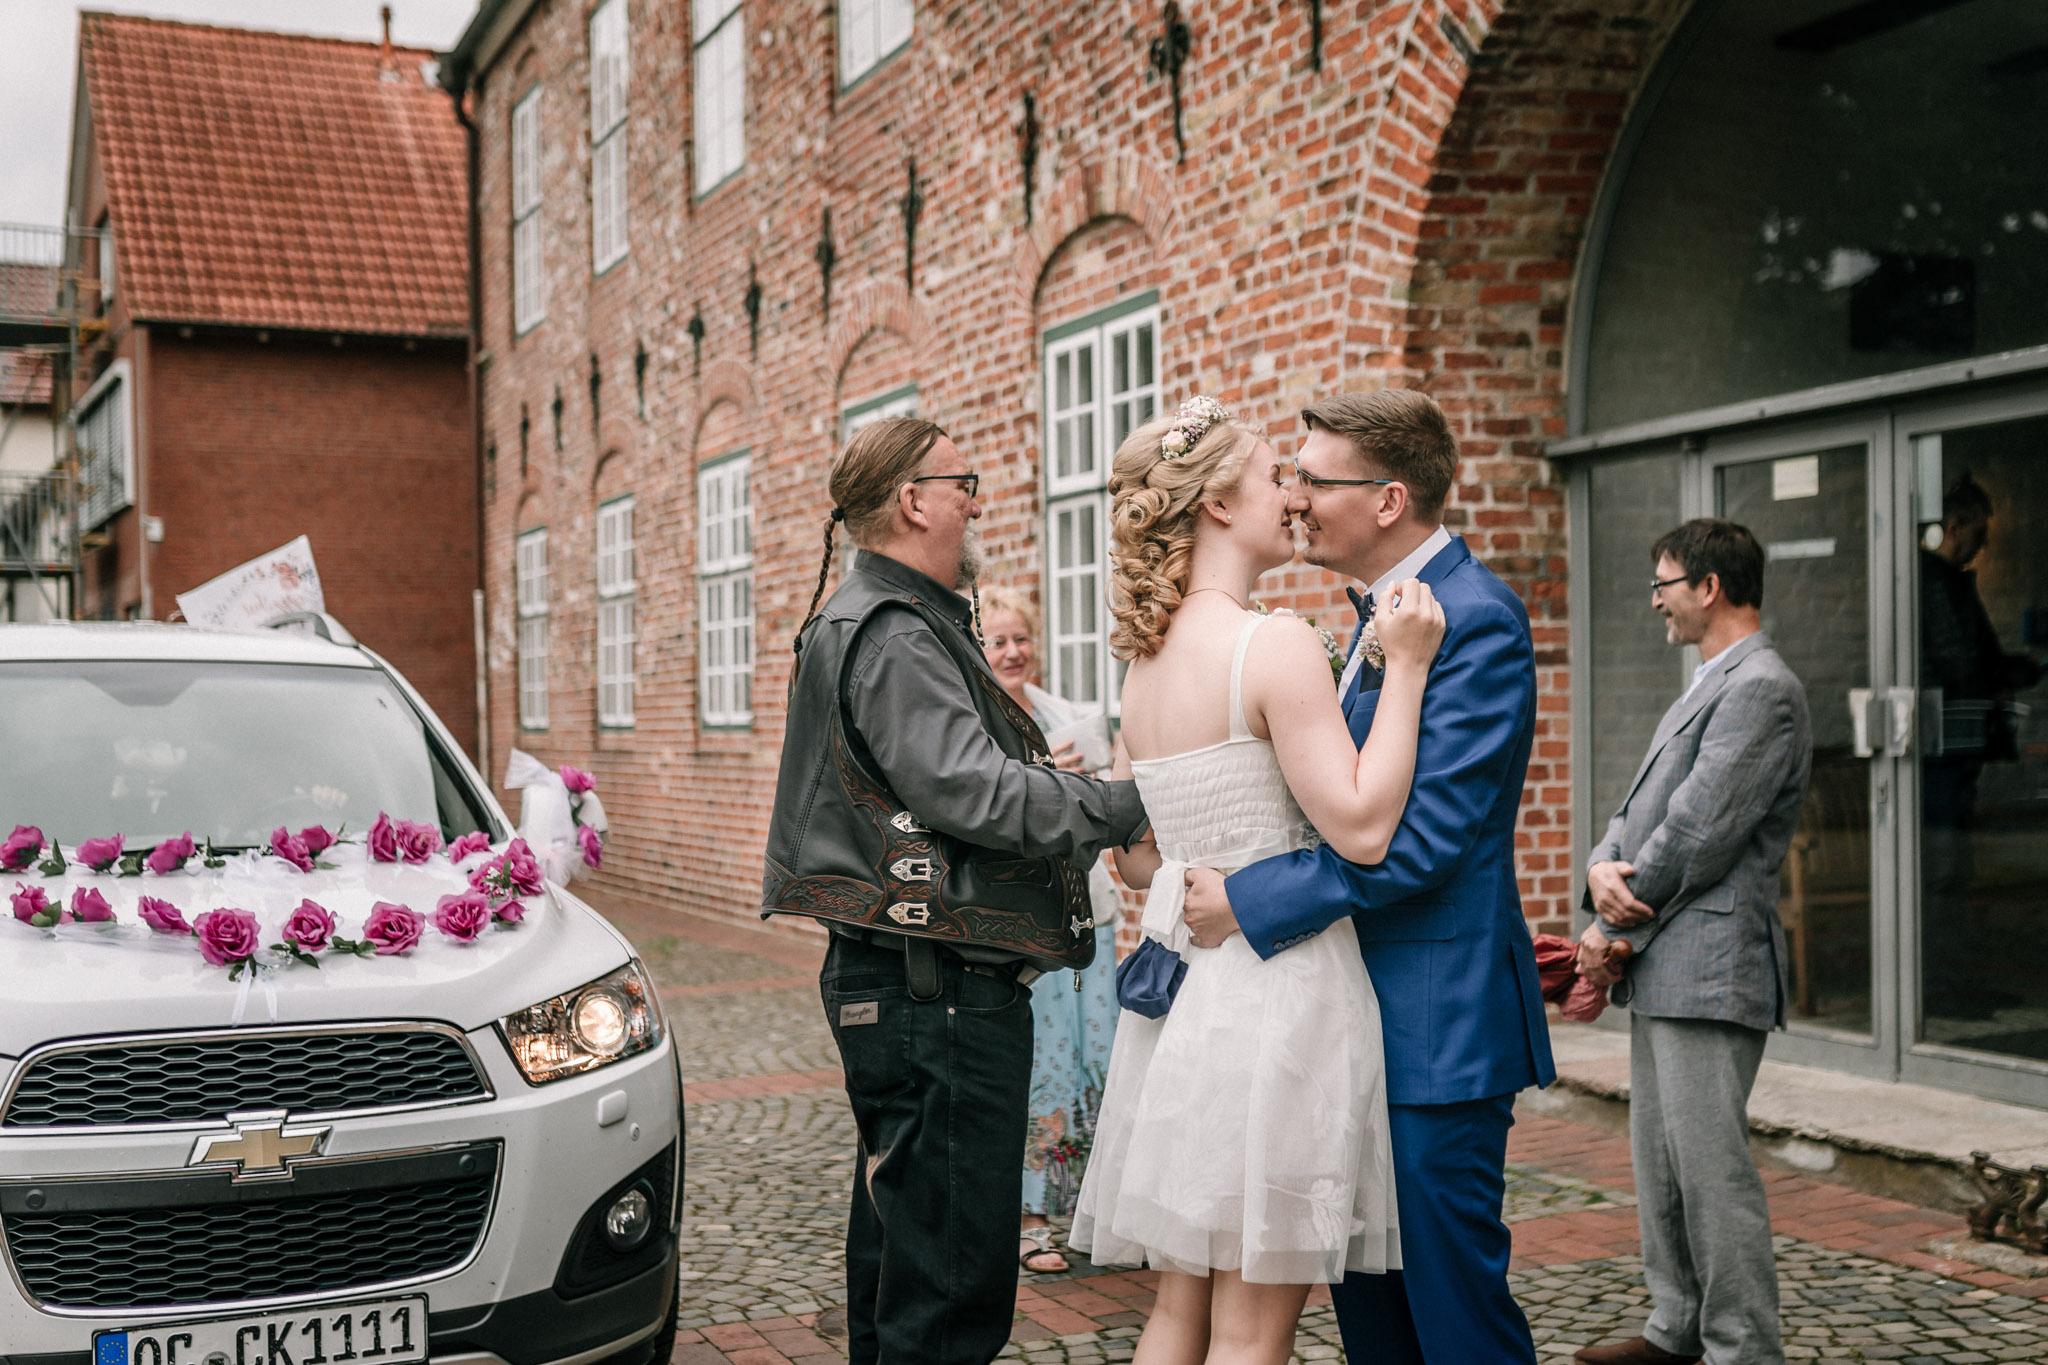 Hochzeitsfieber by Photo-Schomburg, Sven Schomburg Hochzeitsfotografie, Hochzeitsfotograf, Bad Bramstedt, Hamburg, Schleswig-Hostein-8